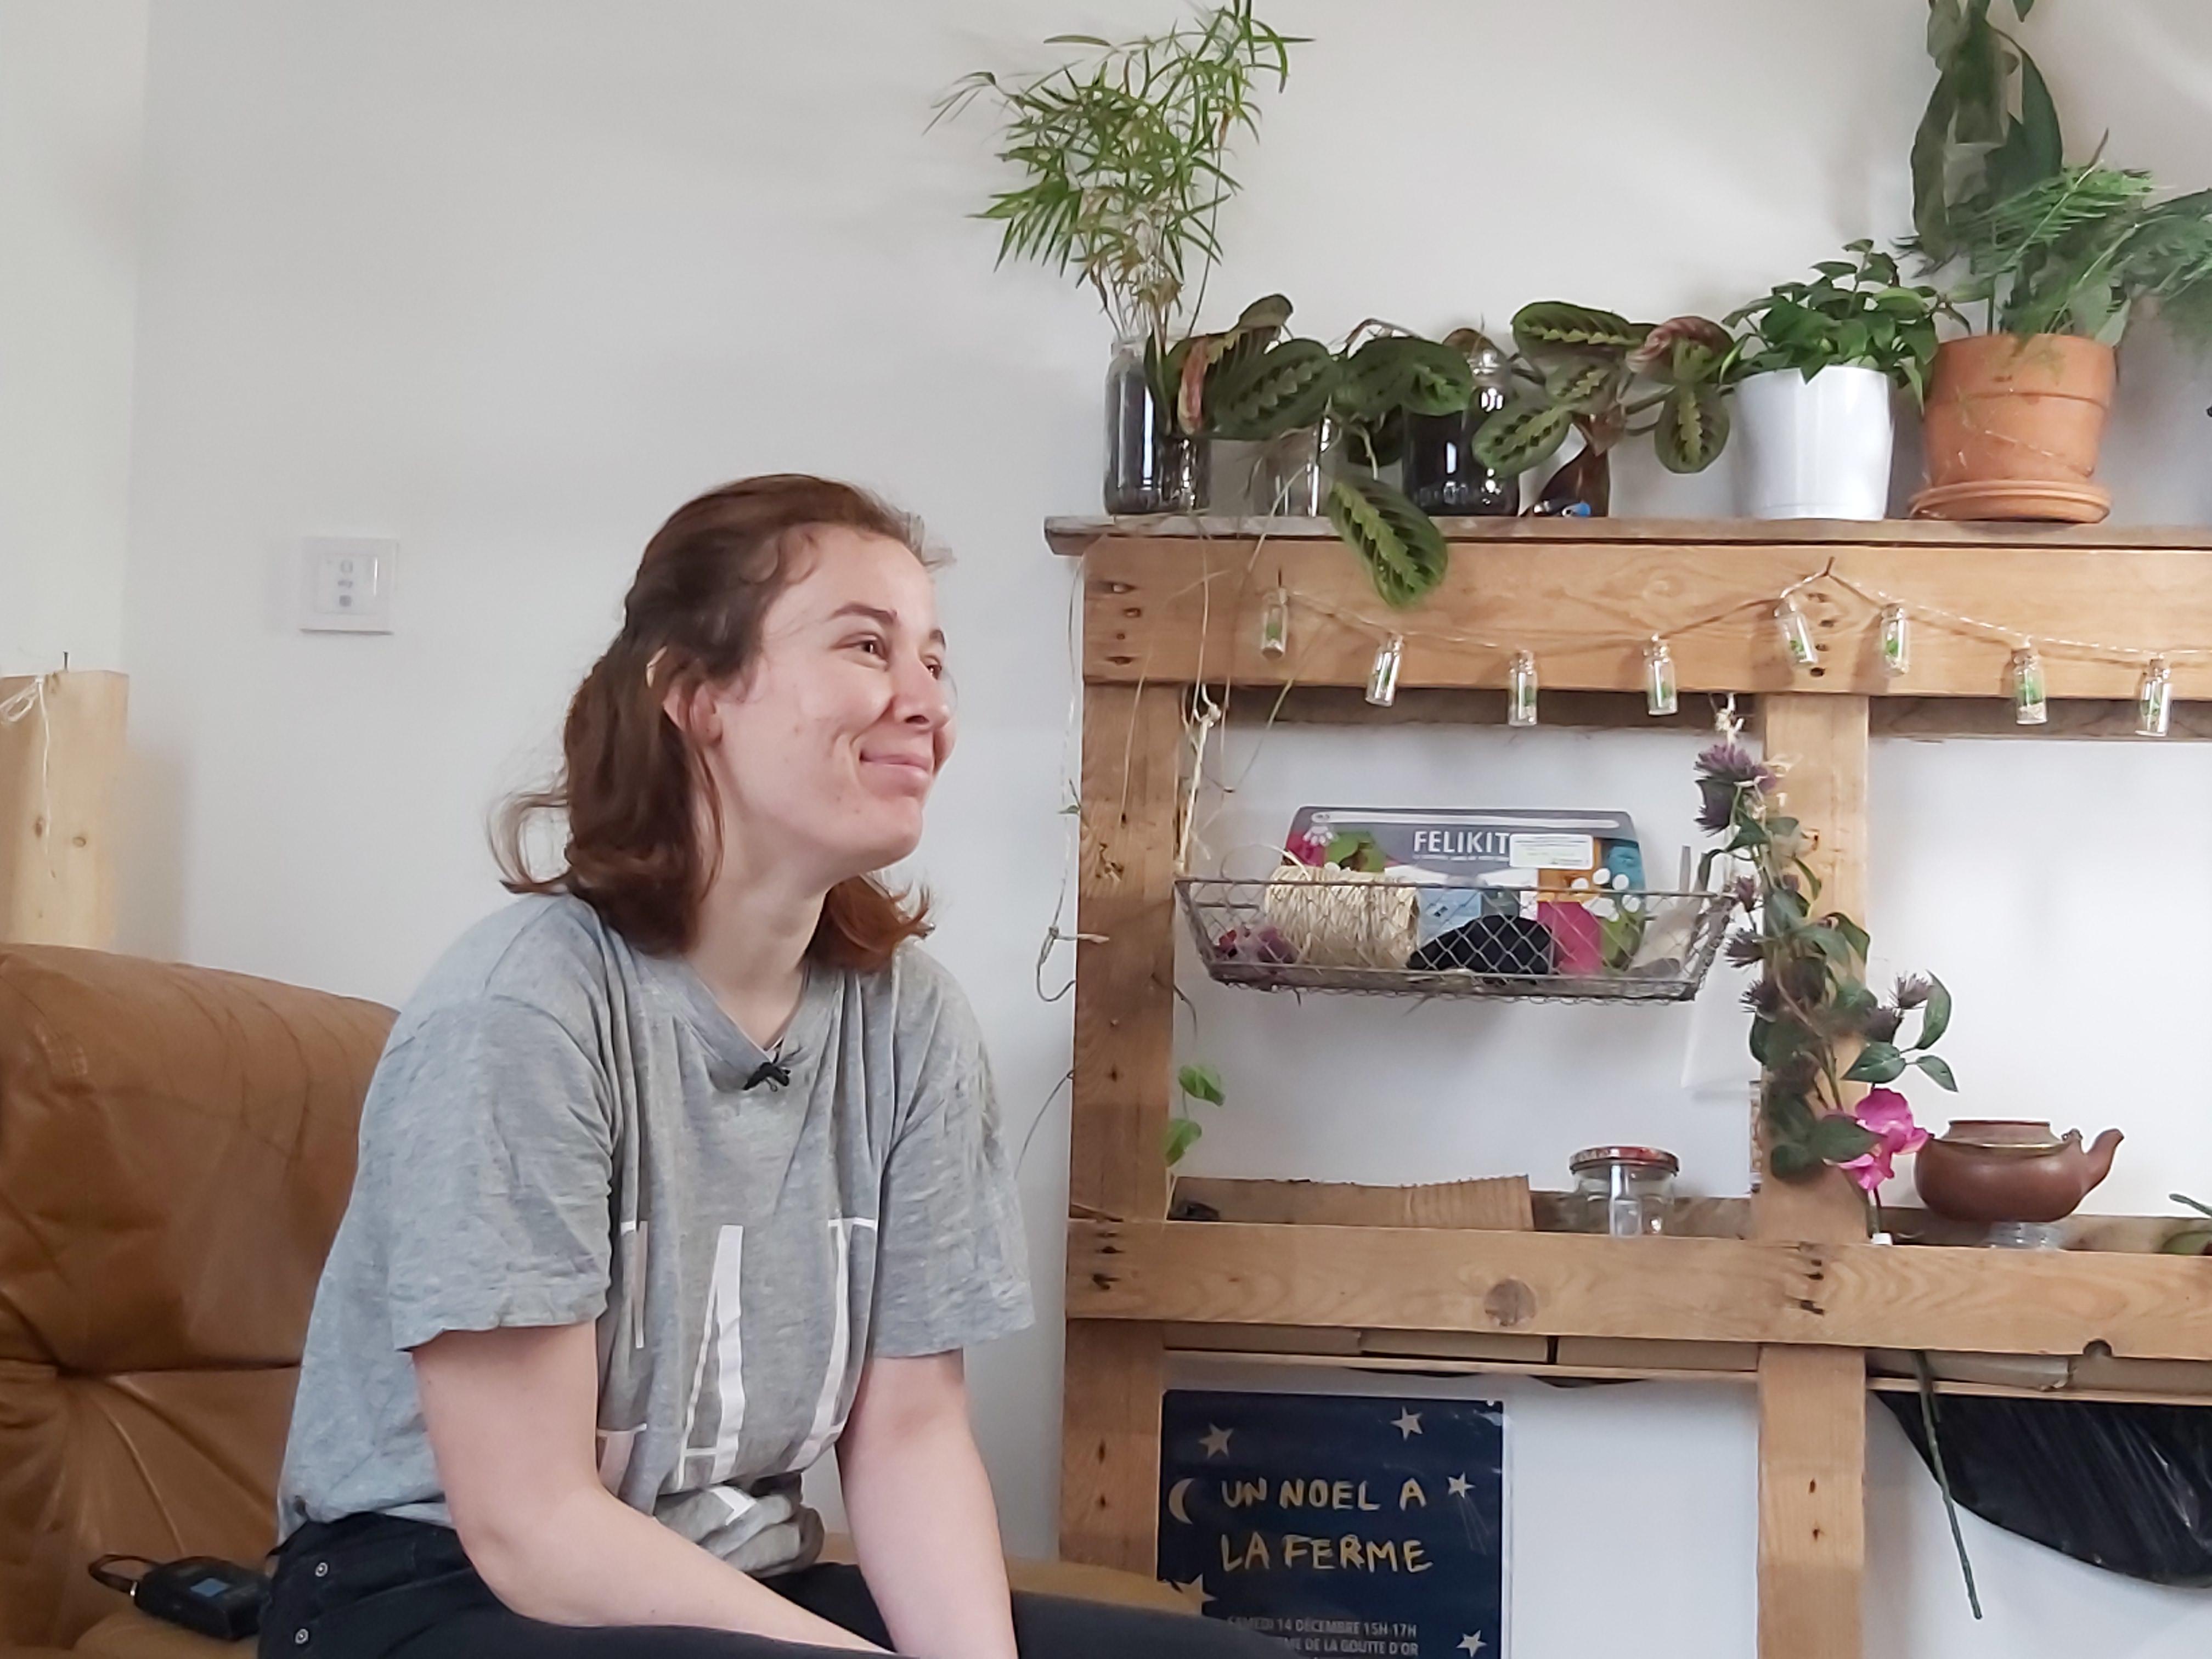 Leslie en colocation dans une colocation à projet solidaire de l'AFEV